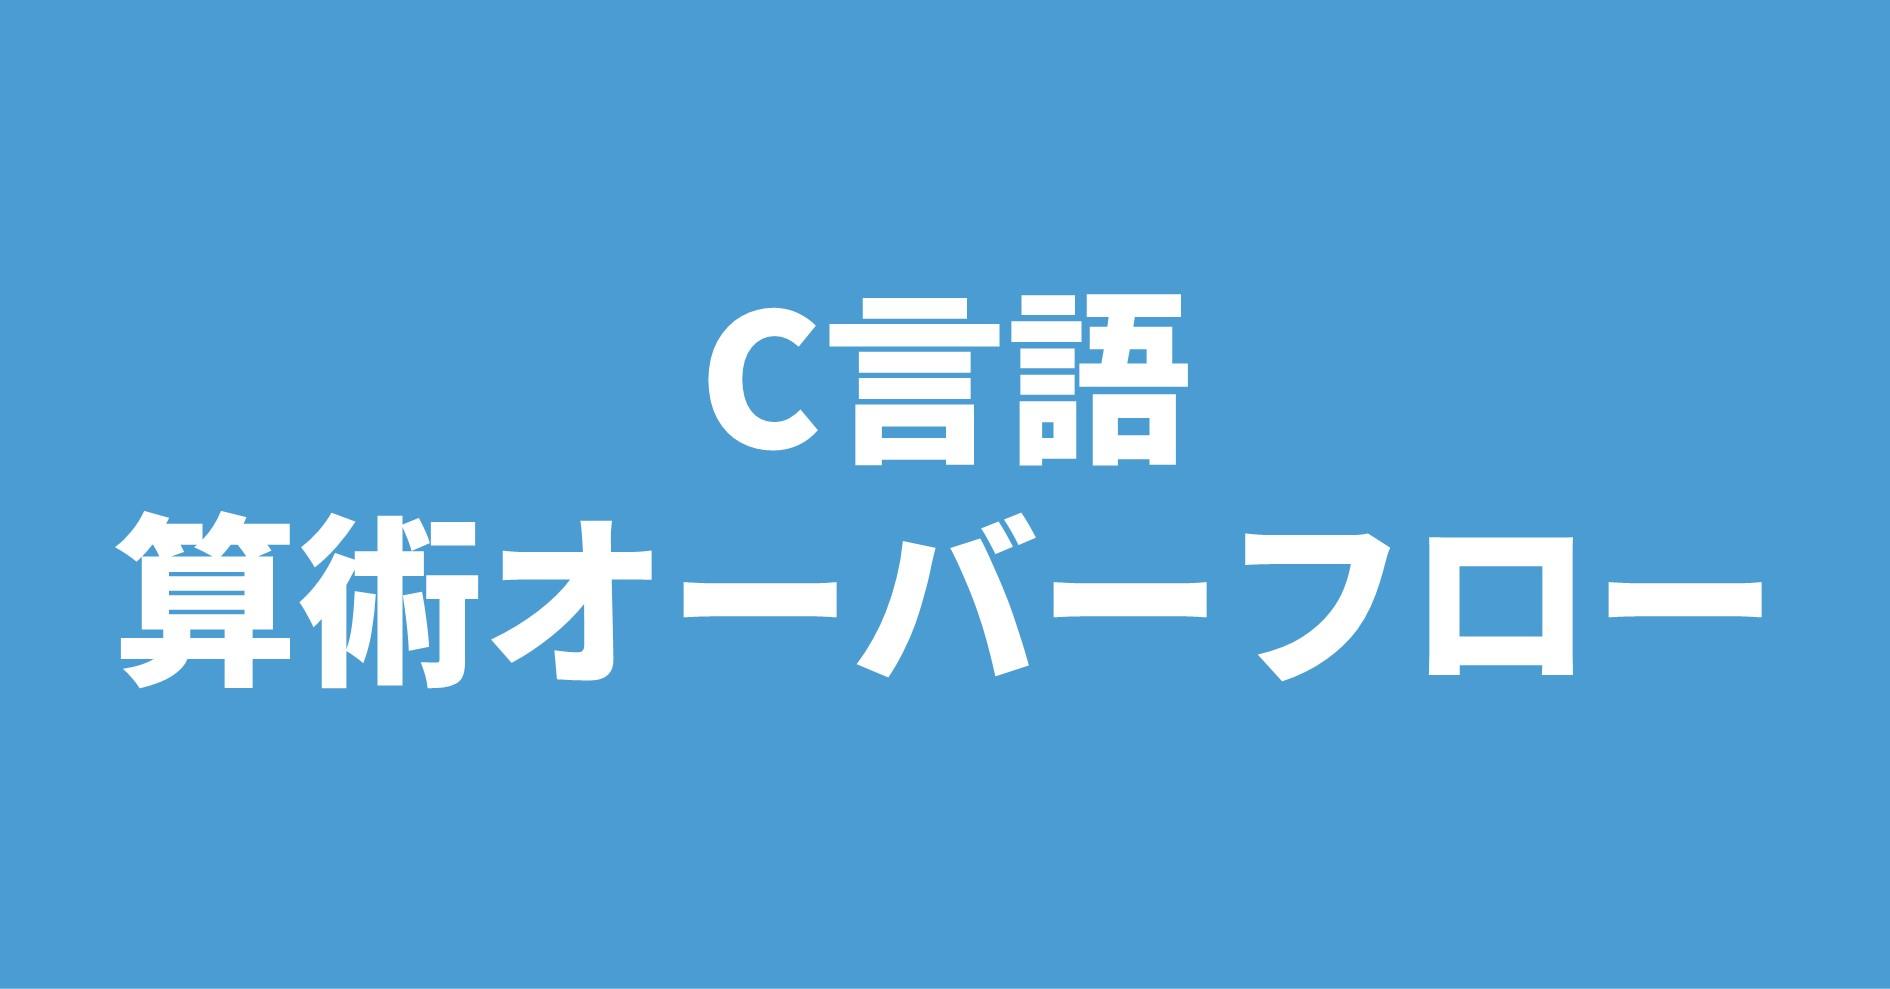 C言語 算術オーバーフロー